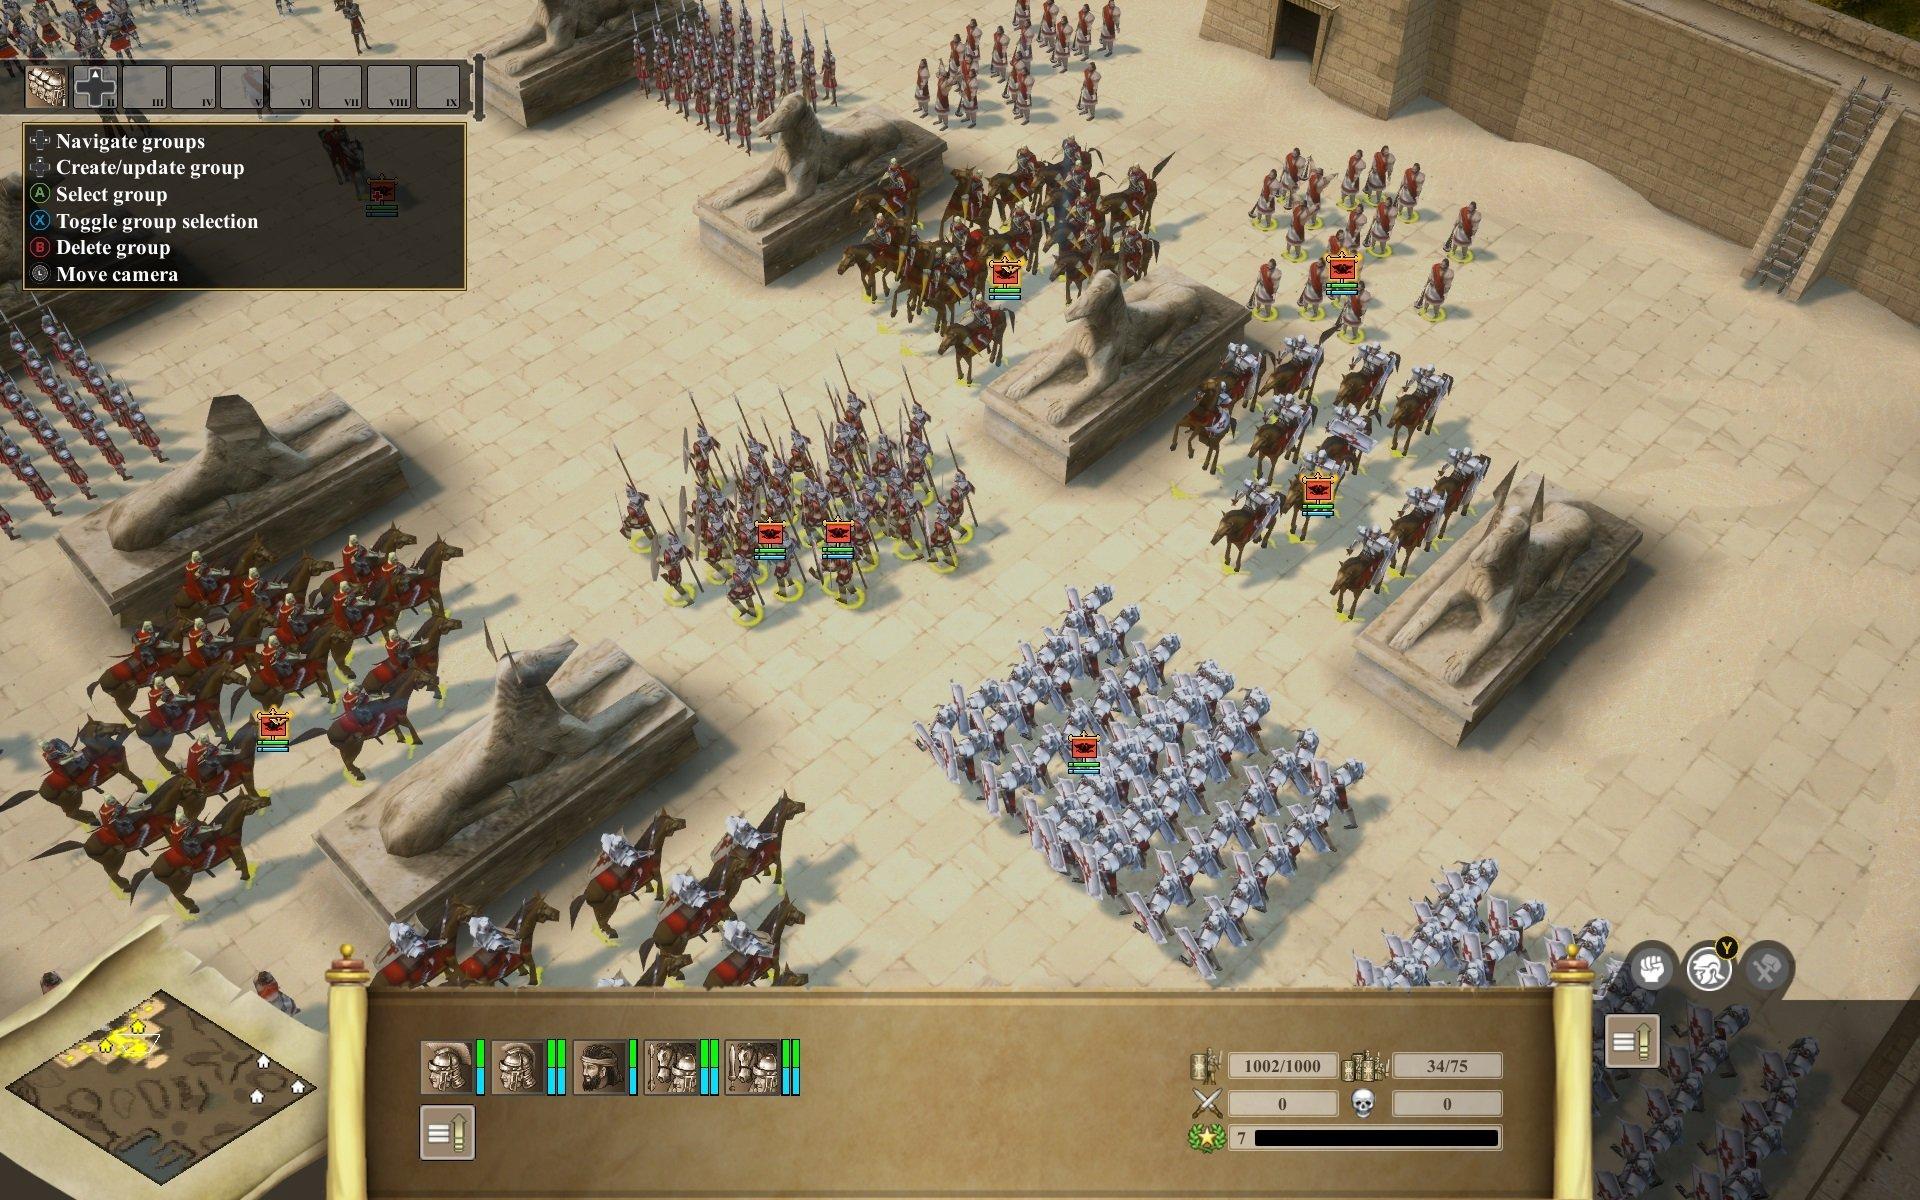 Скриншот к игре Praetorians - HD Remaster v.1.04 [GOG] (2003-2020) скачать торрент Лицензия